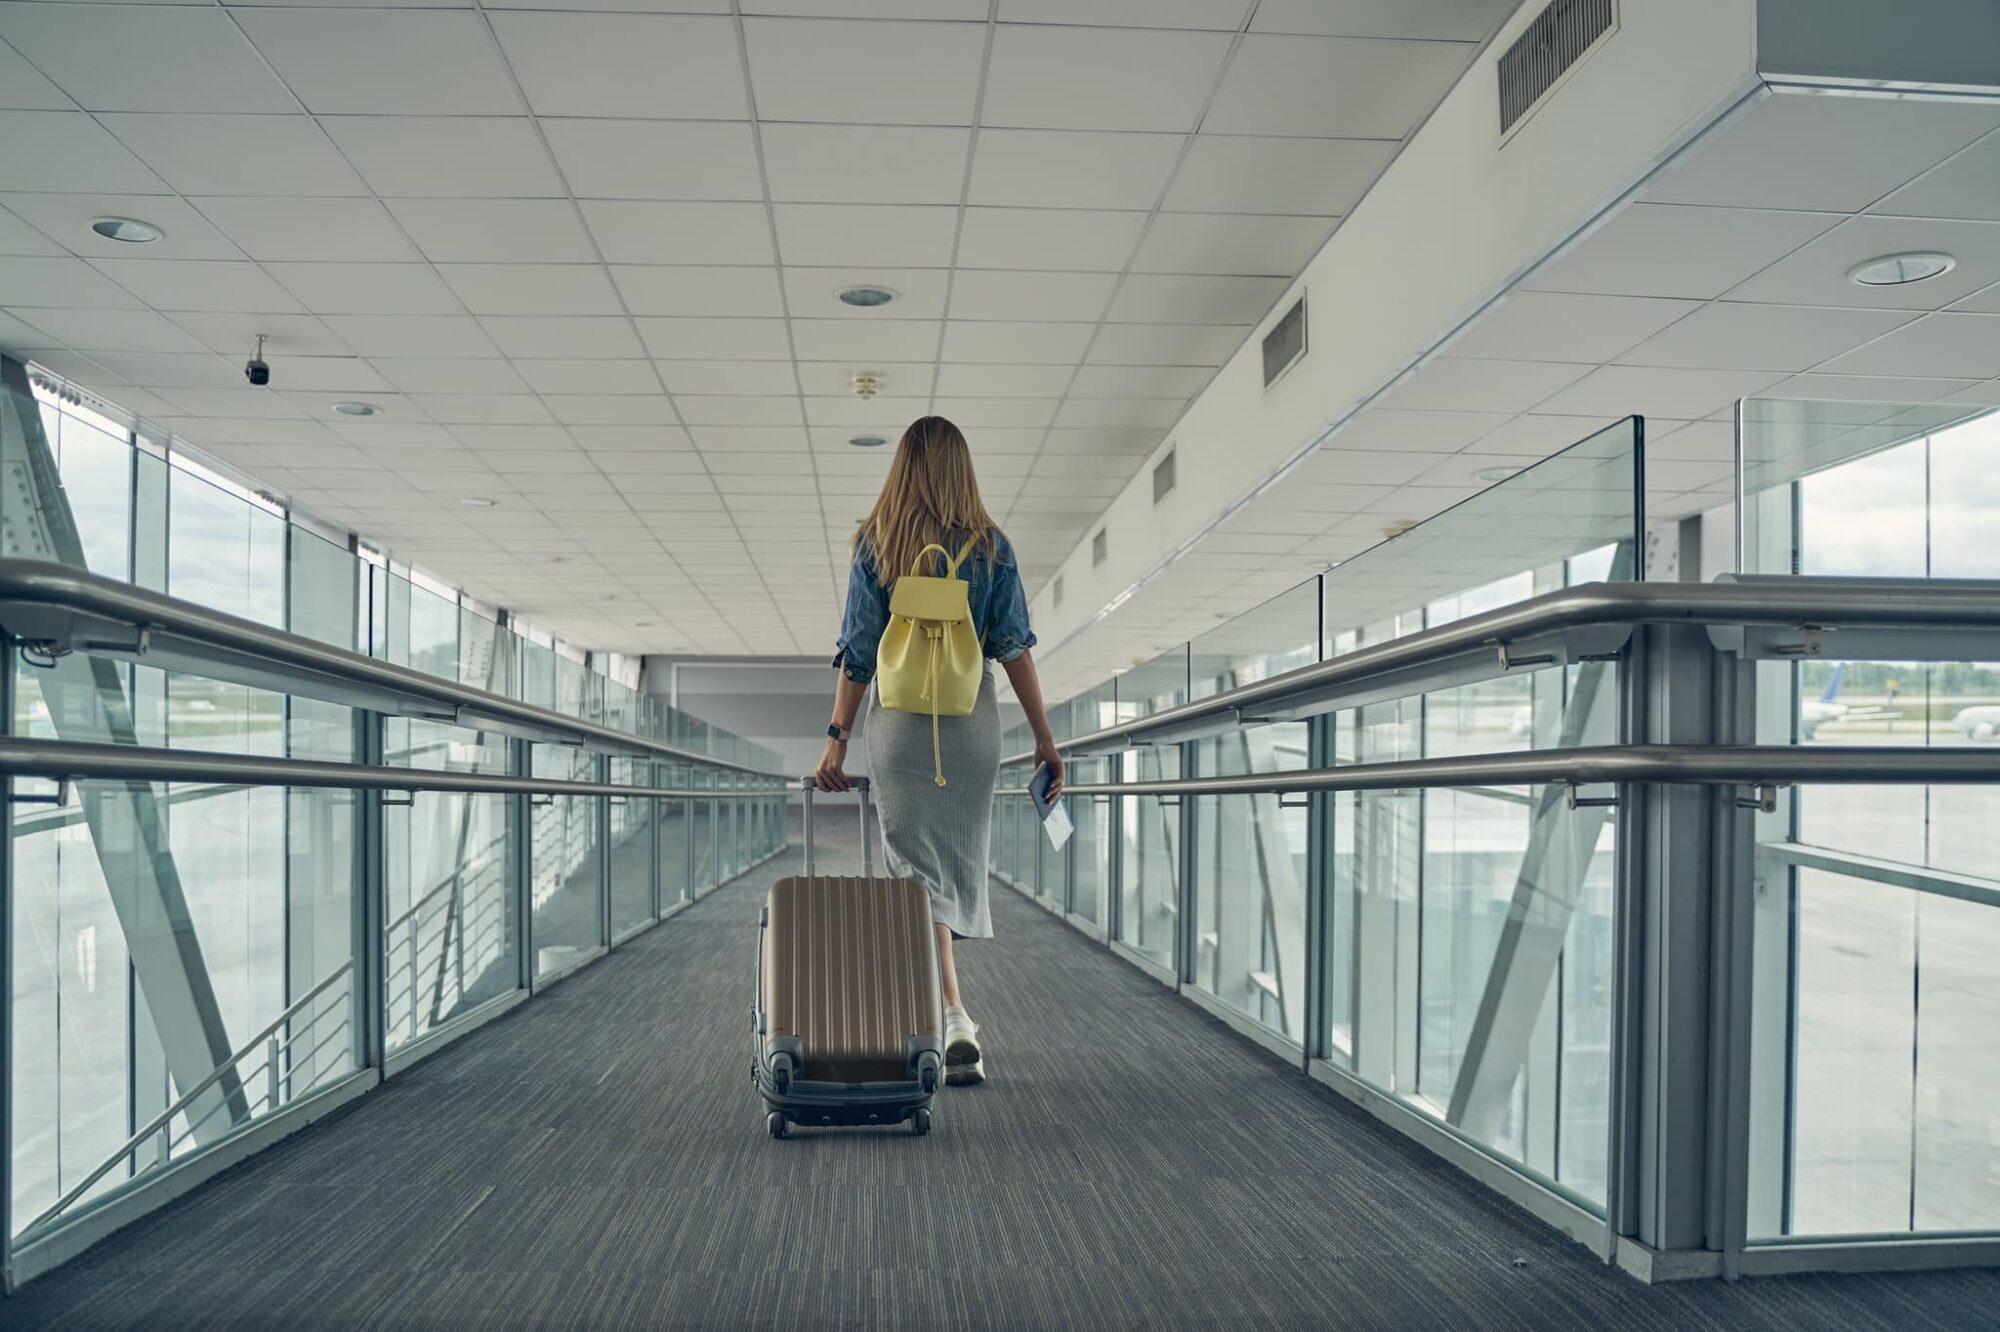 В аеропорту «Бориспіль» з'явився пункт тестування на COVID-19 - тестування, тести на коронавірус, аеропорт «Бориспіль», COVID-19 - 120364663 3639529029398963 382849871445856214 o 2000x1332